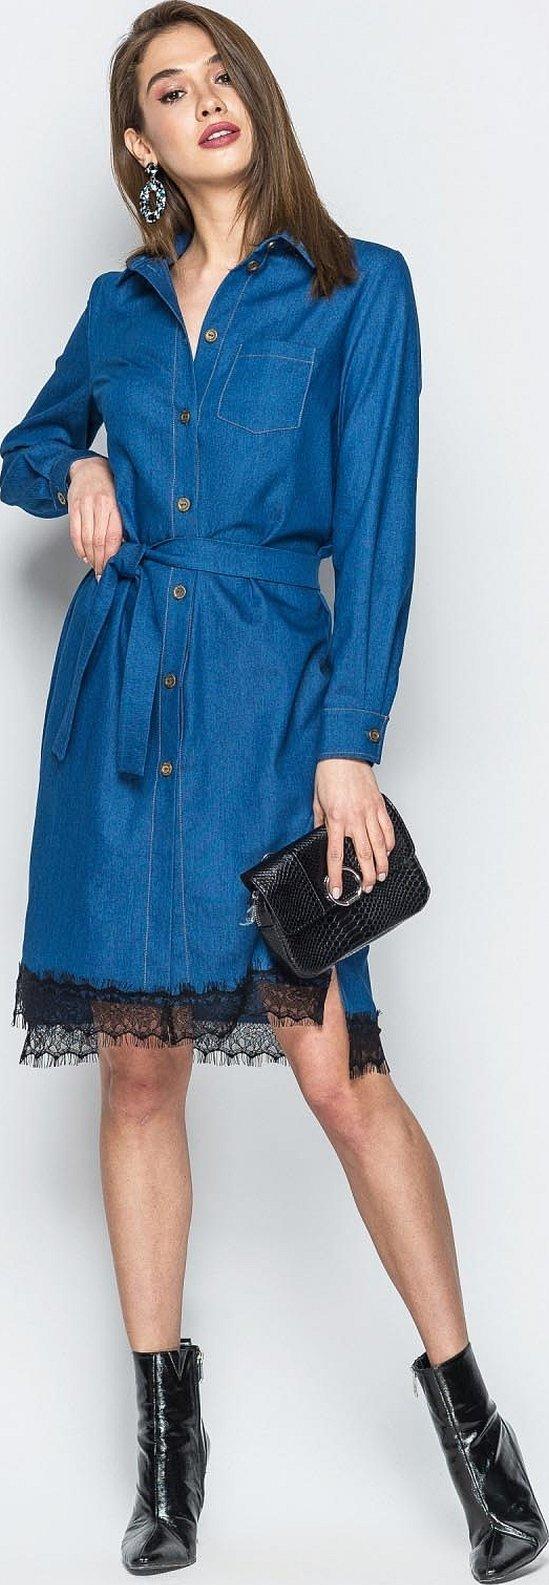 Джинсовое платье рубашка с кружевом